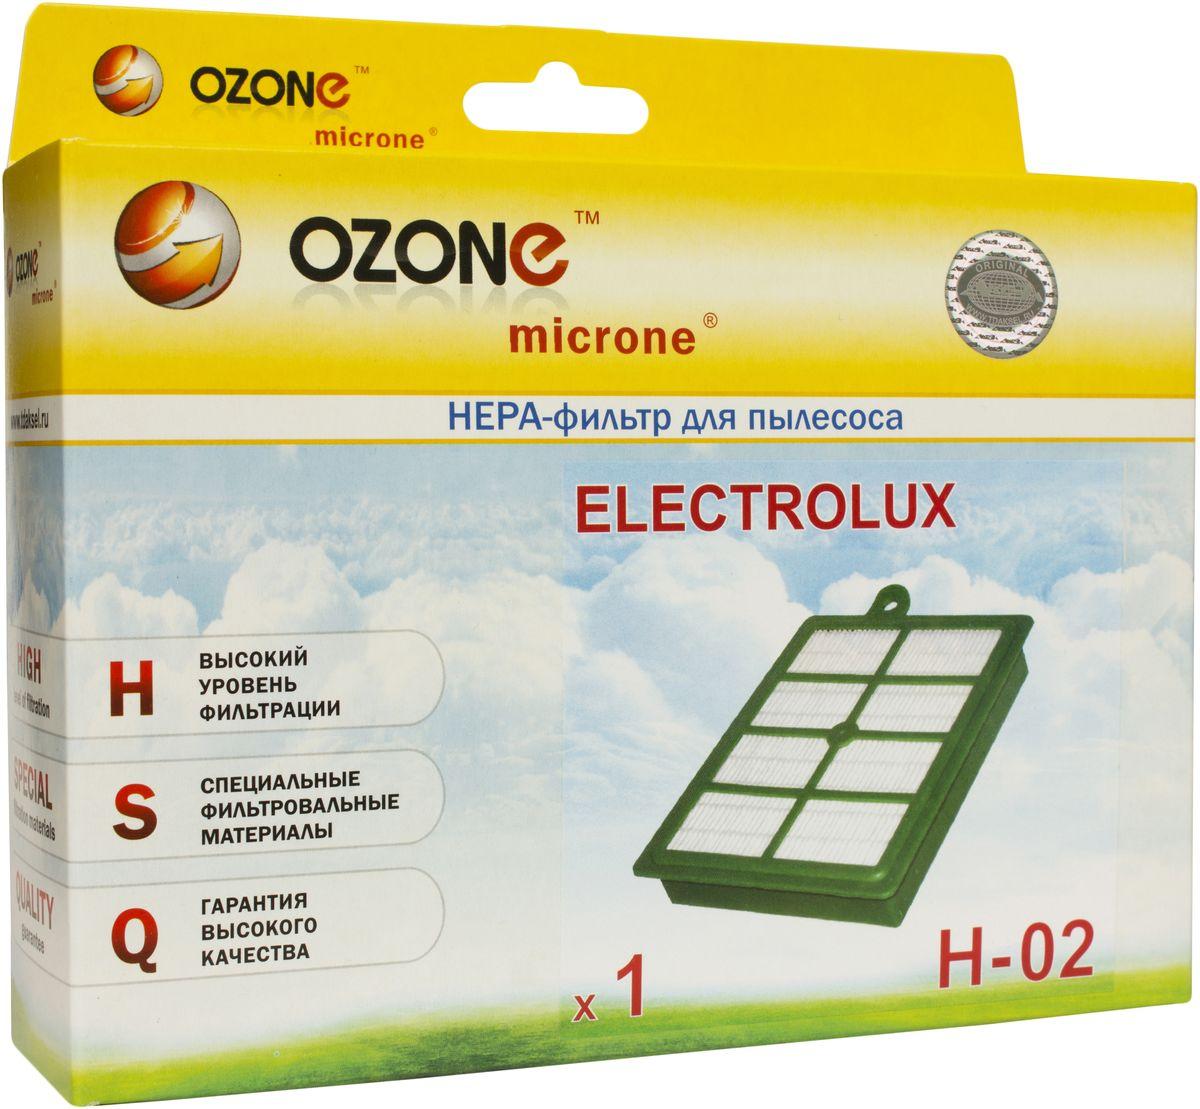 Ozone H-02 HEPA фильтр для пылесоса фильтры для воды фибос фильтр сверхтонкой очистки фибос 1